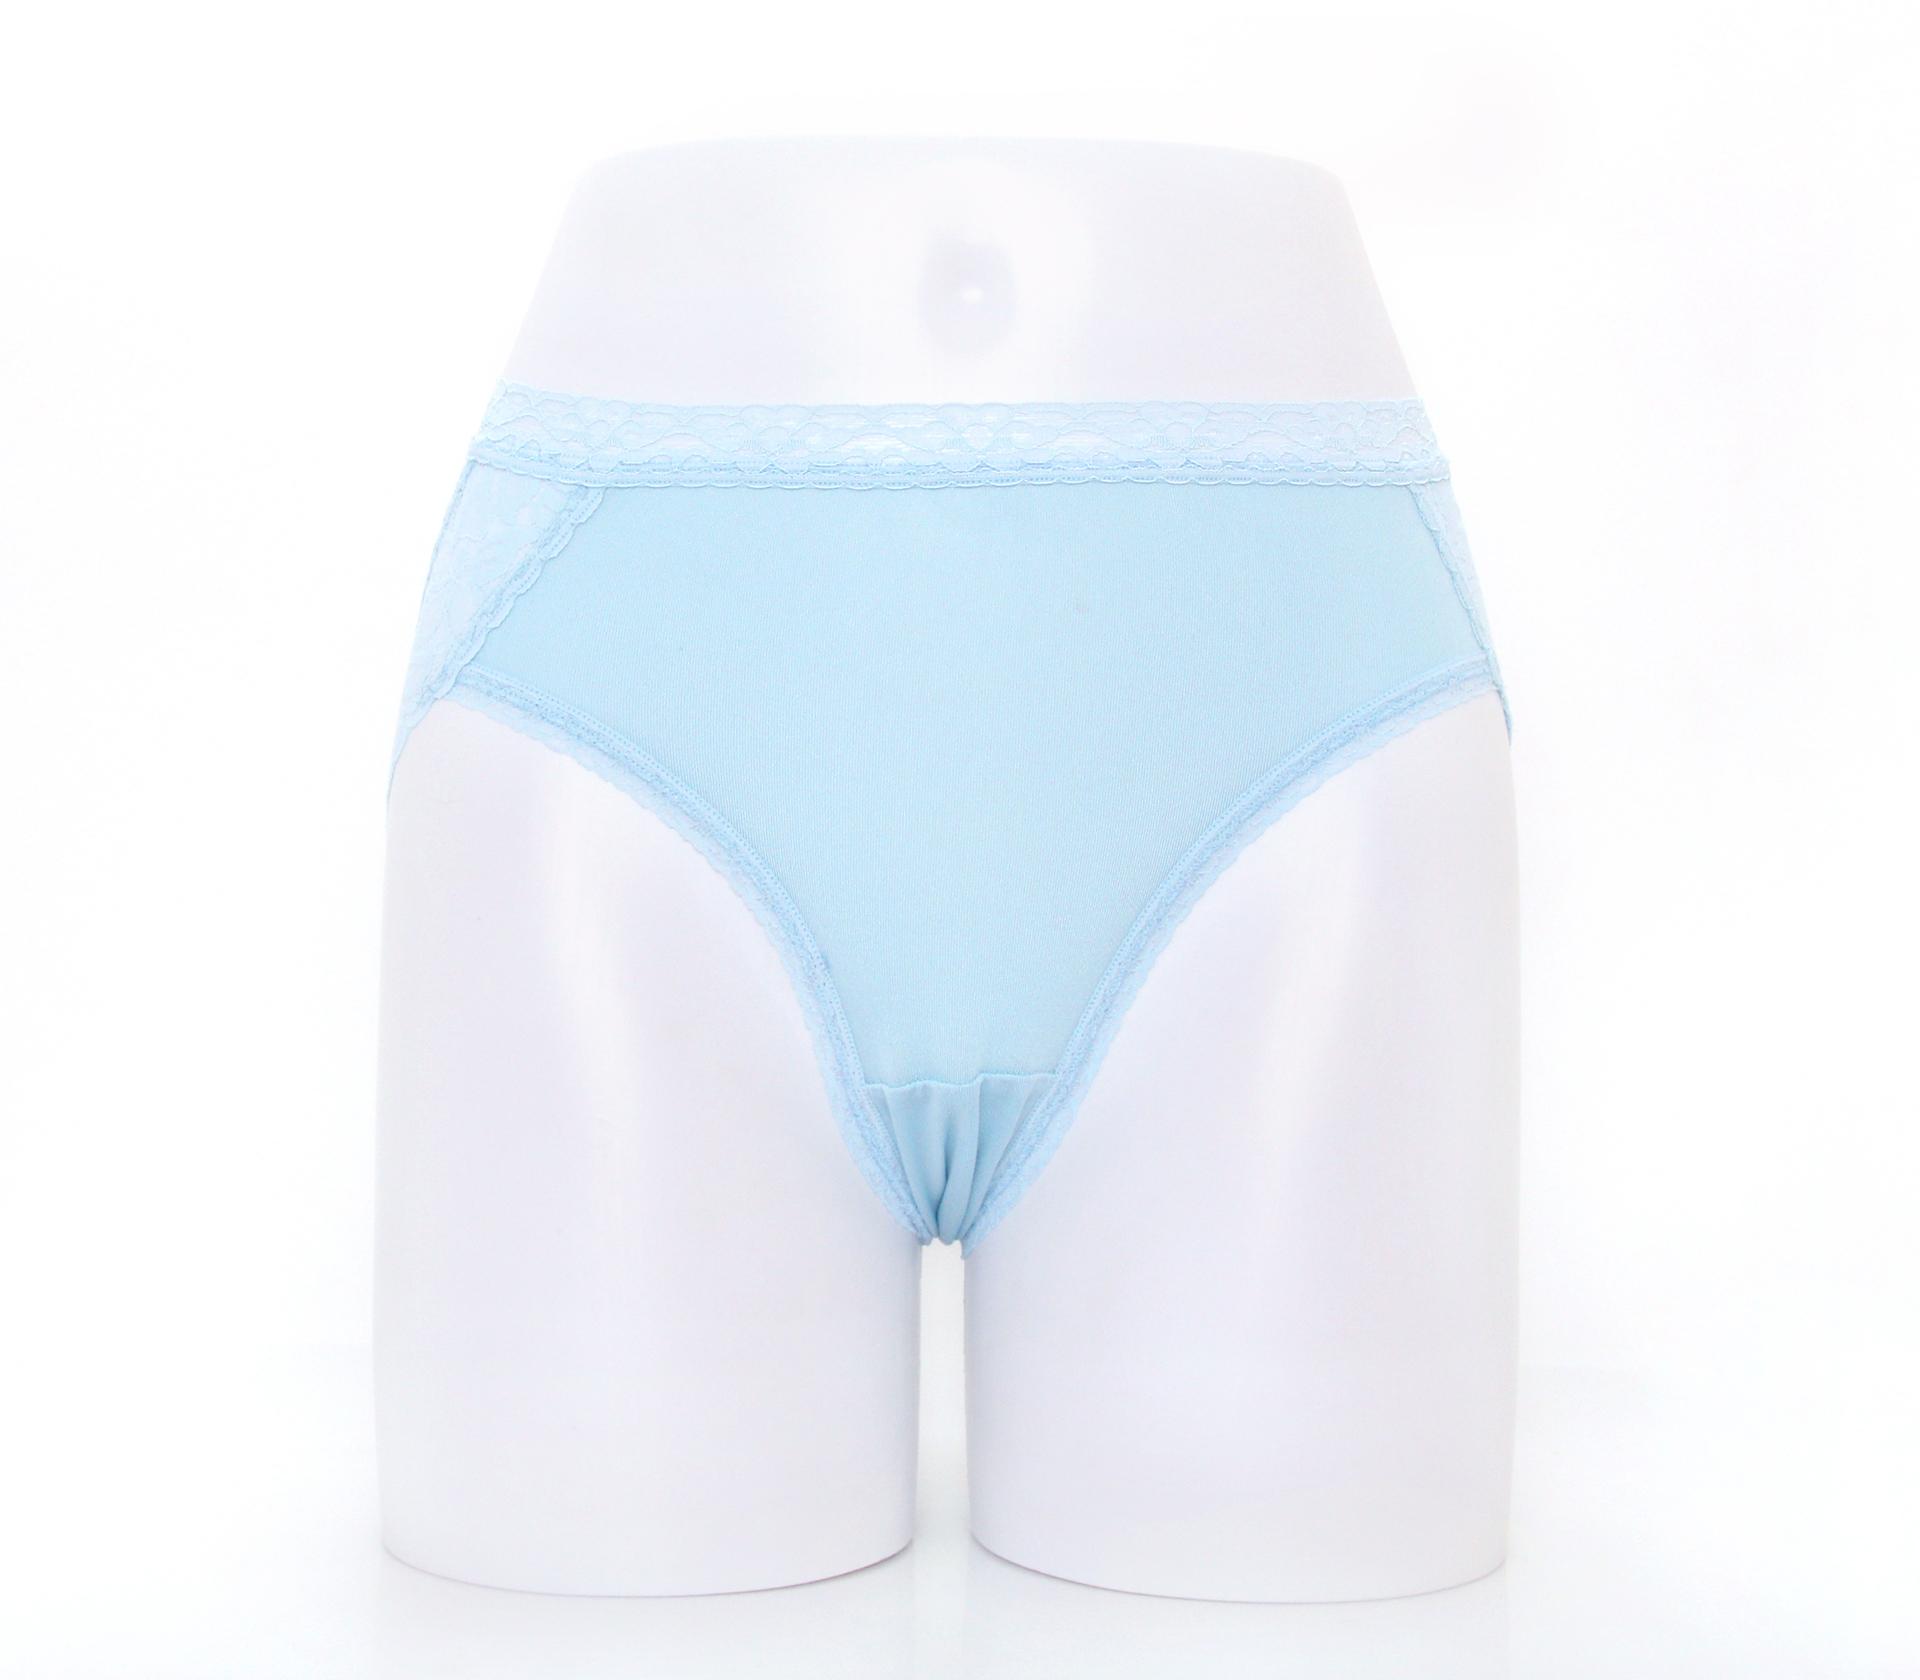 闕蘭絹優雅蕾絲花邊100%蠶絲內褲-3311(藍)